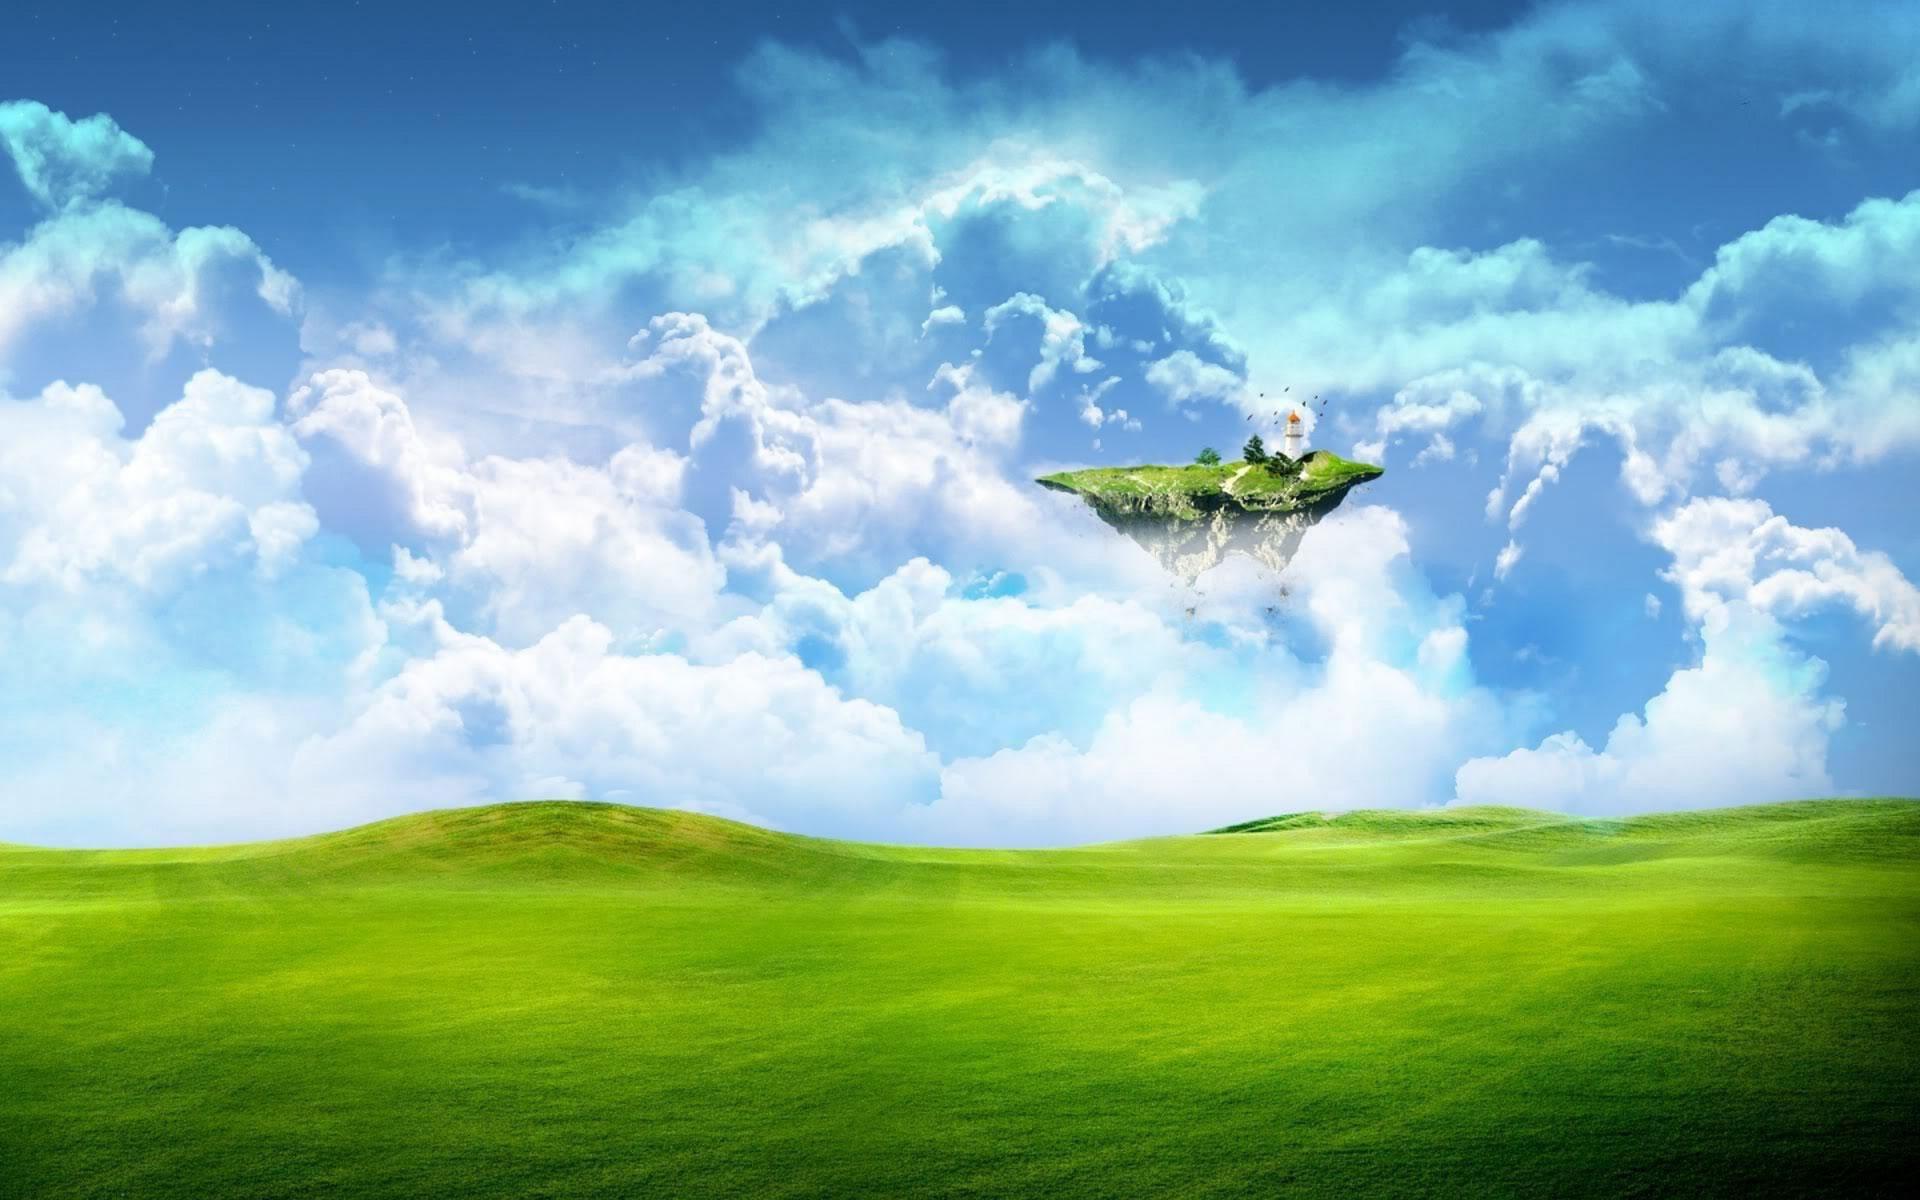 The grassland landscape design wallpaper Desktop Background   Scenery ...